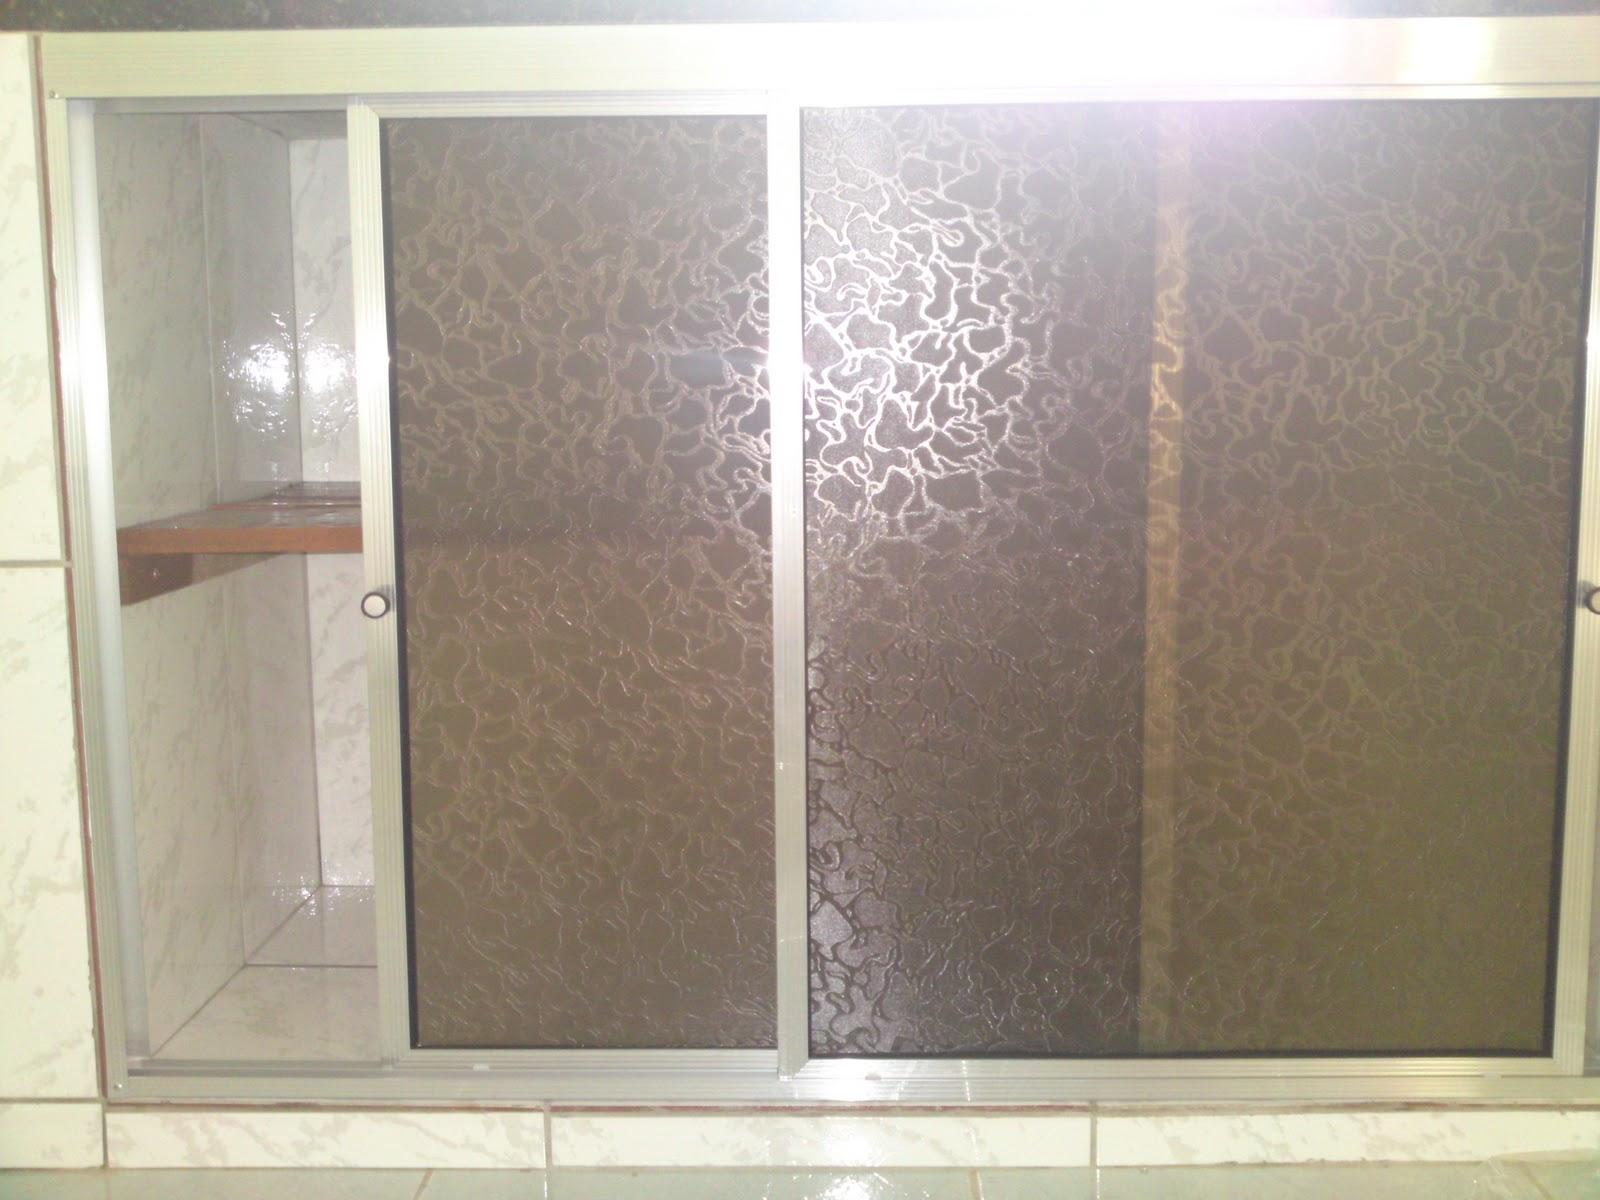 Imagens de #797152 quarta feira 8 de fevereiro de 2012 acrilico aluminio box pia 1  1600x1200 px 2996 Box Banheiro De Pvc